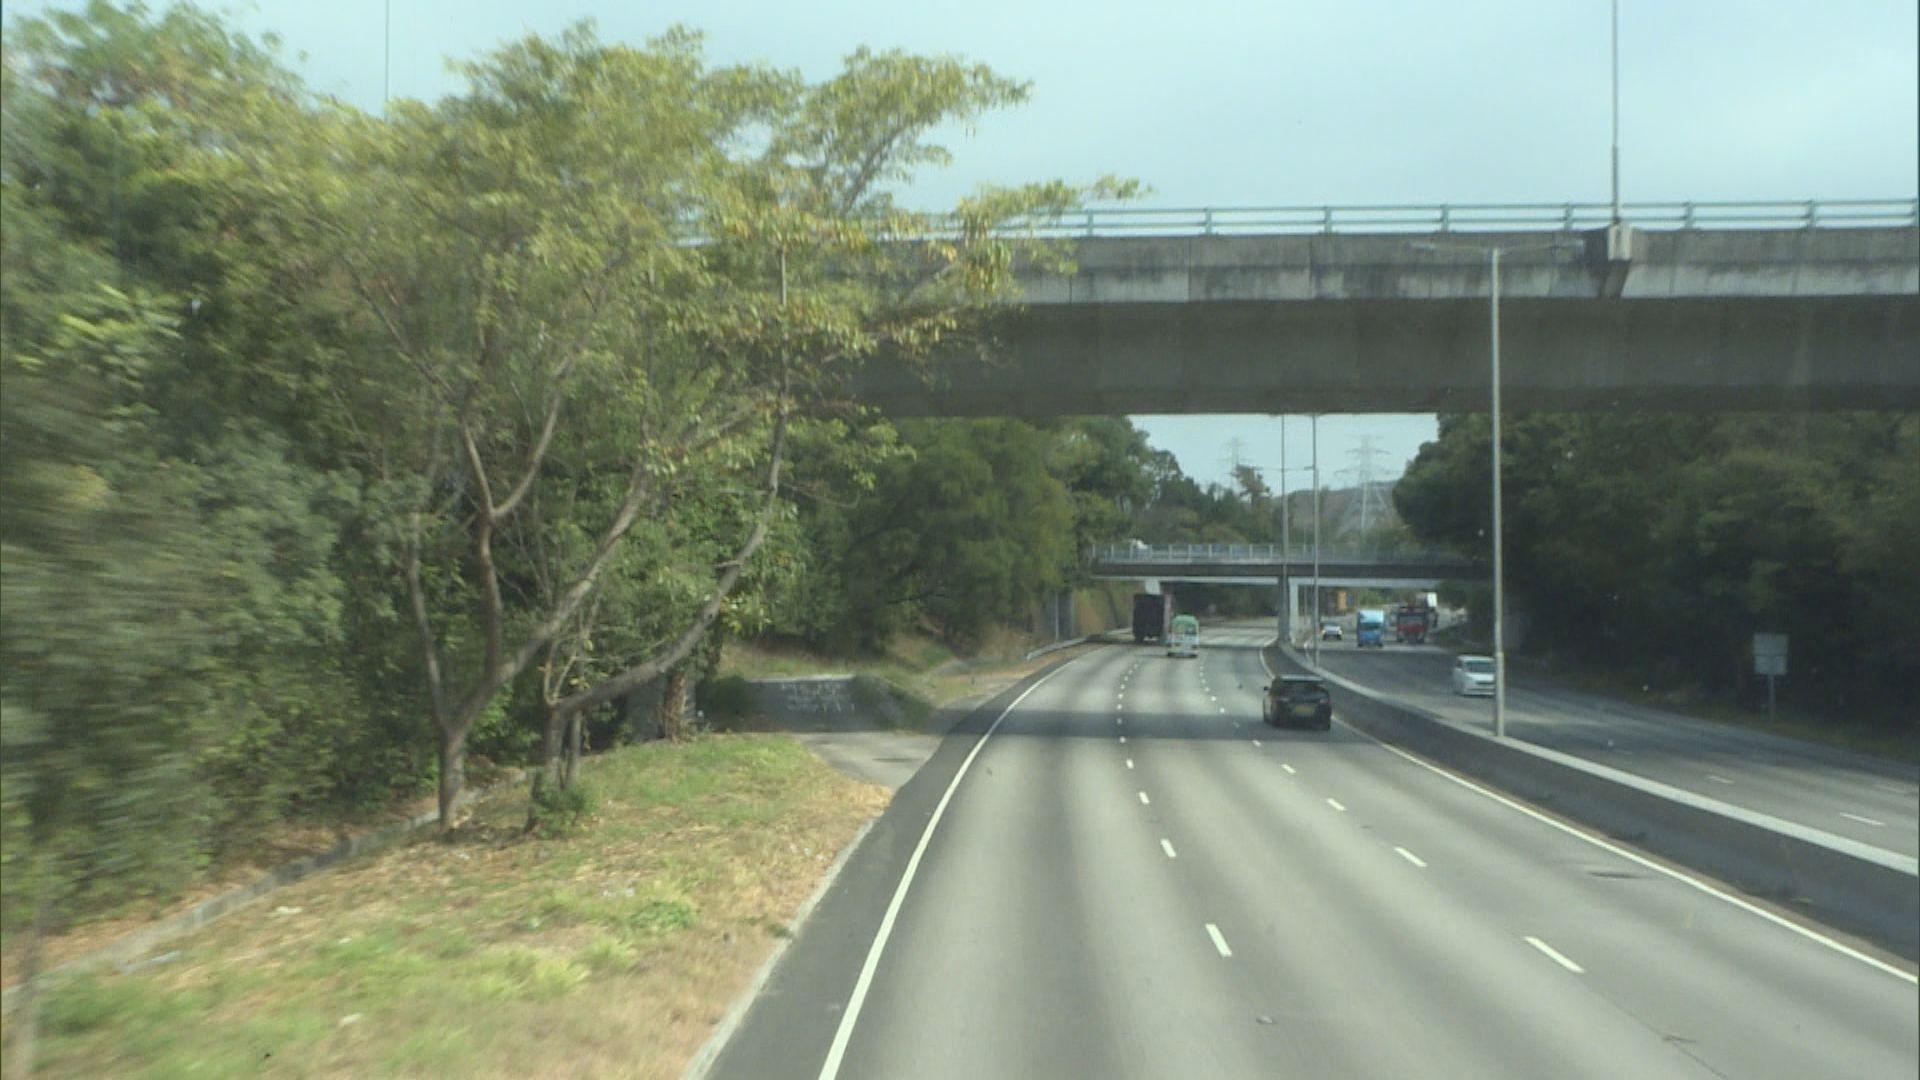 粉嶺公路未見大樹幹樹丫伸出行車線